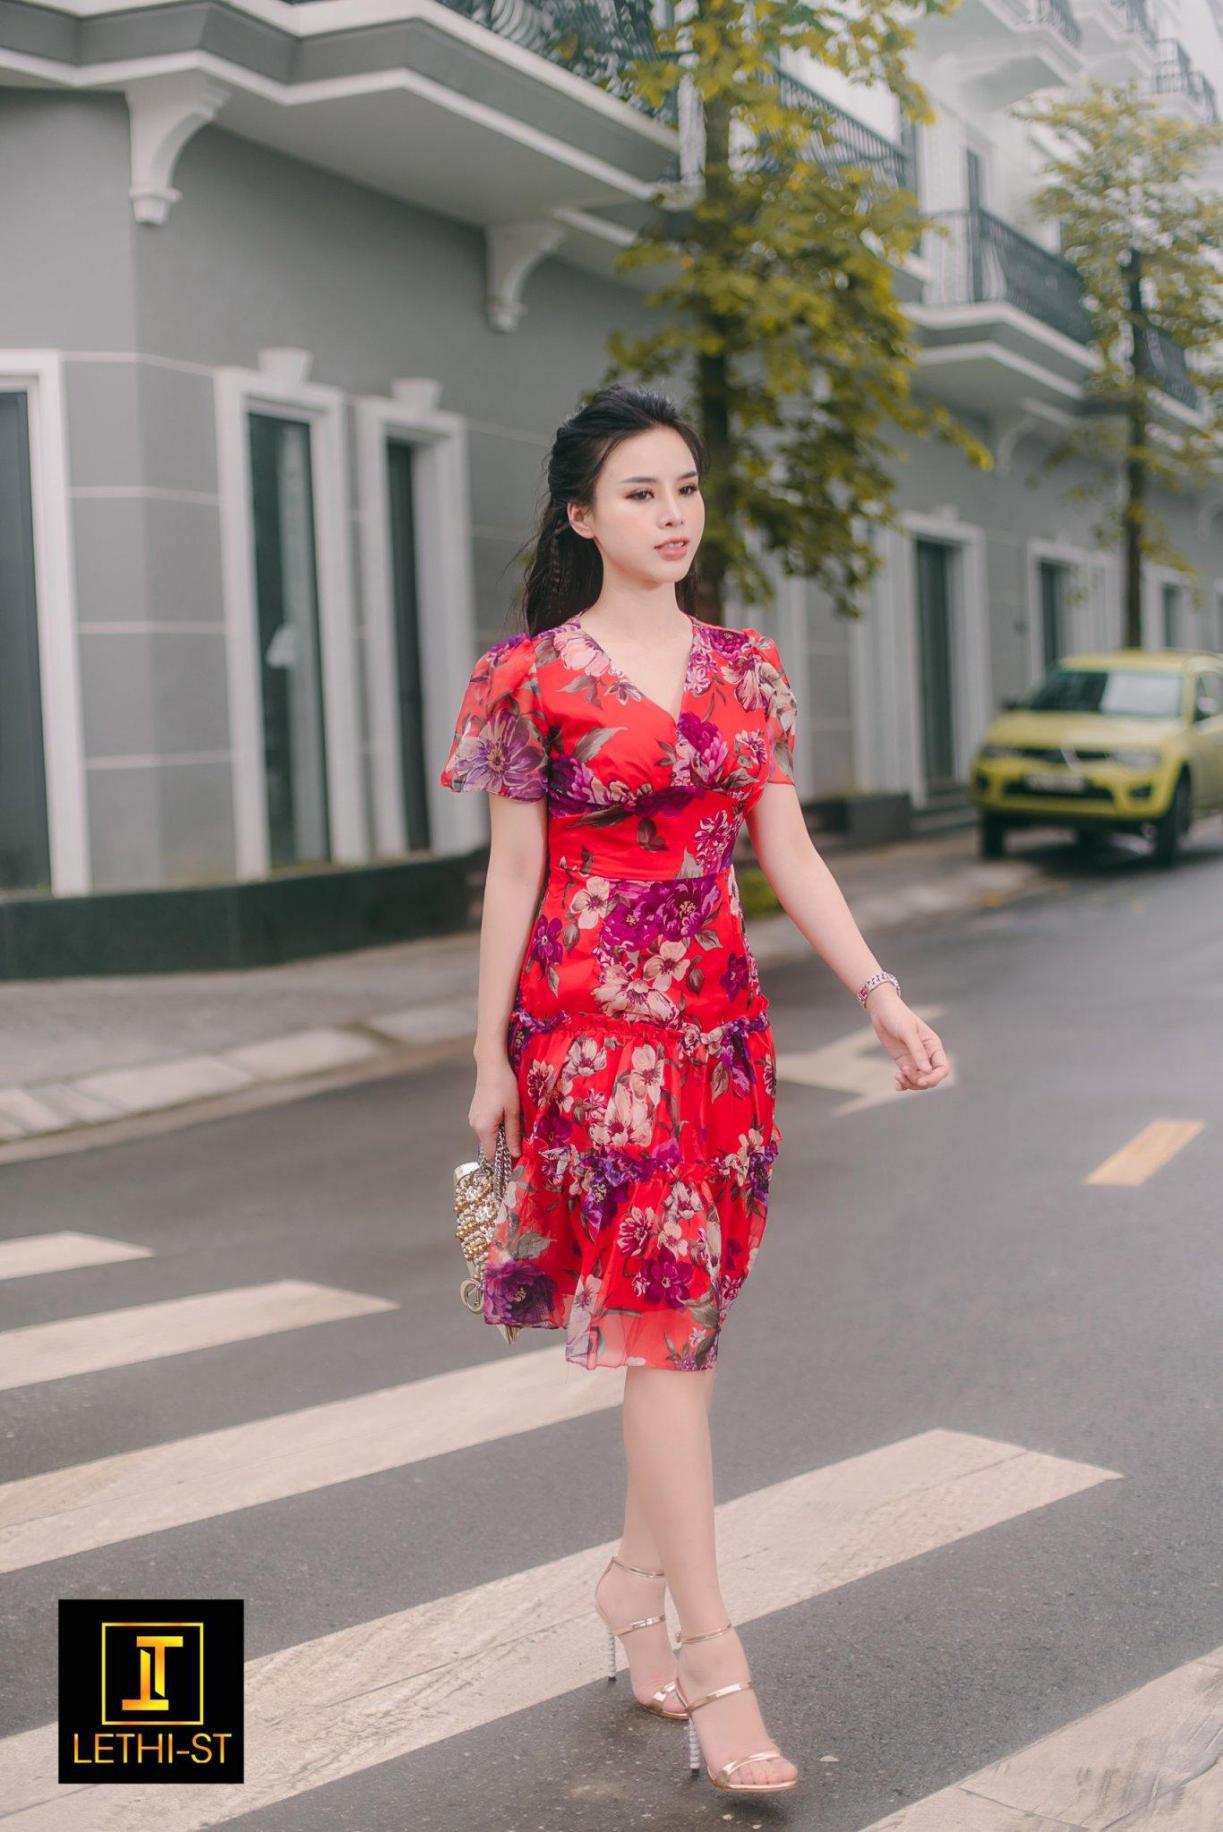 Lêthi - ST: Địa chỉ mua sắm thời trang được nhiều bạn trẻ yêu thích - Ảnh 3.